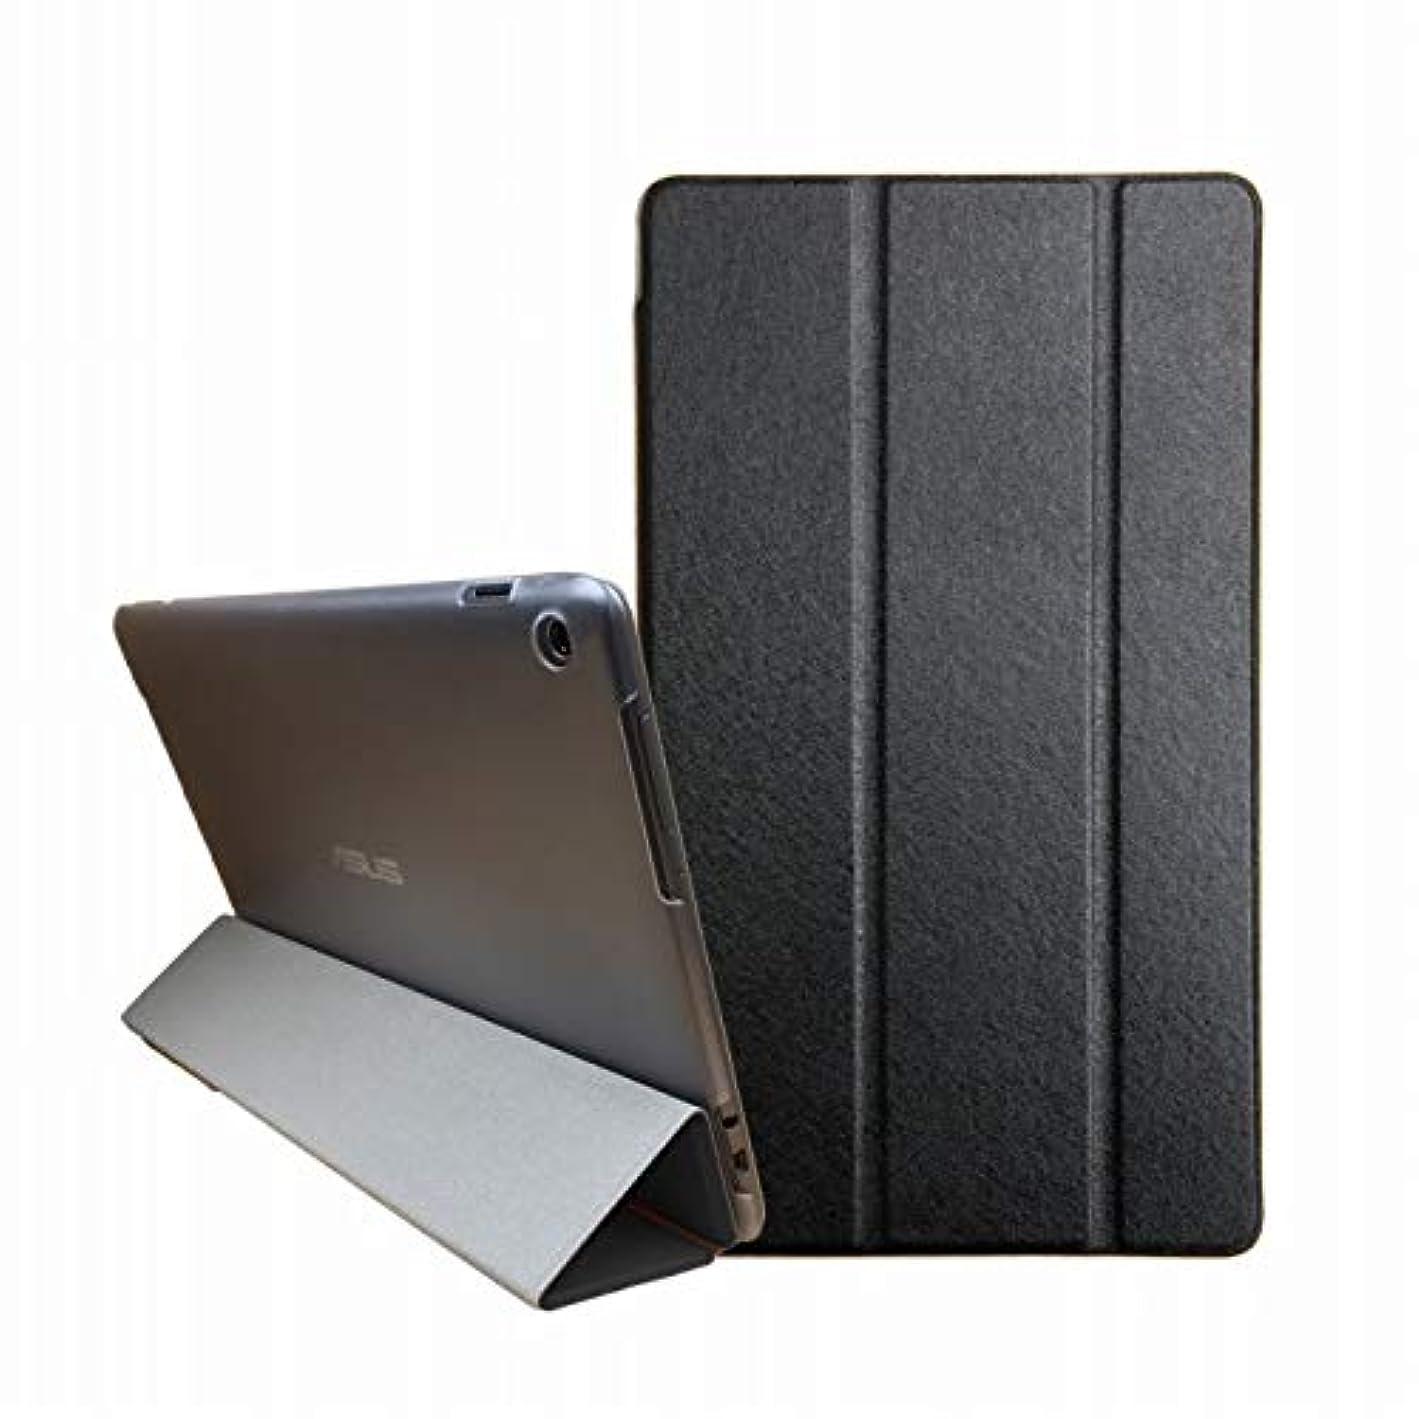 評価濃度人差し指windykids Apple iPad Pro 11 2018 ケース ipad 11 inch カバー 黒 アイパット プロ 11 アイパット11インチ スタンドケース スタンド アイパットプロ ipadpro11 タブレットケース ipad-pro11-2018,黒(1case) ipad-pro11-2018,黒(1case)